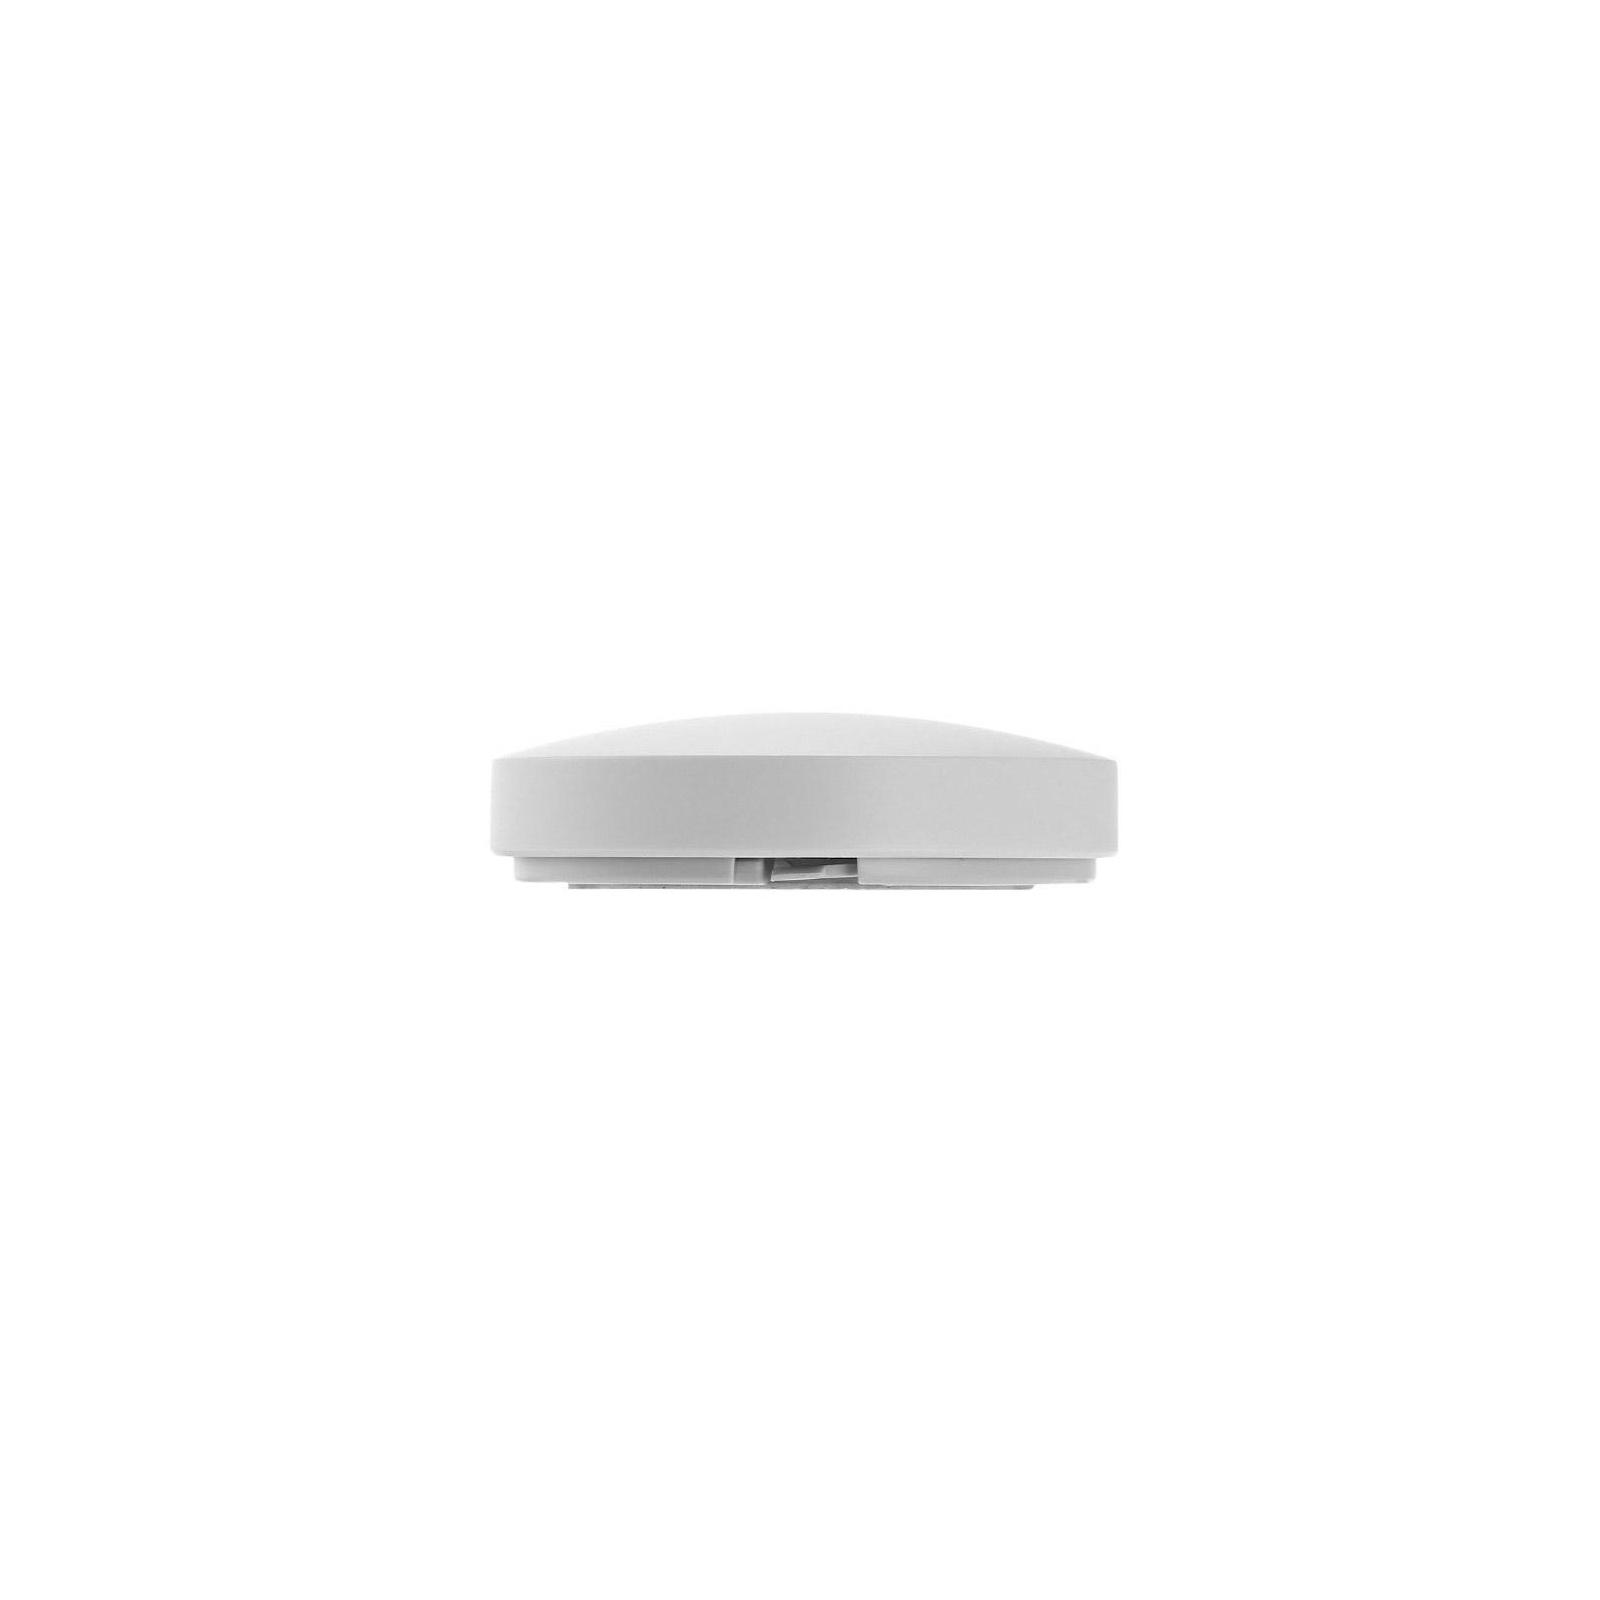 Кнопка управления беспроводными выключателями Xiaomi Mijia Wireless Switch WXKG01LM (YTC4017CN/YTC4006CN) изображение 4